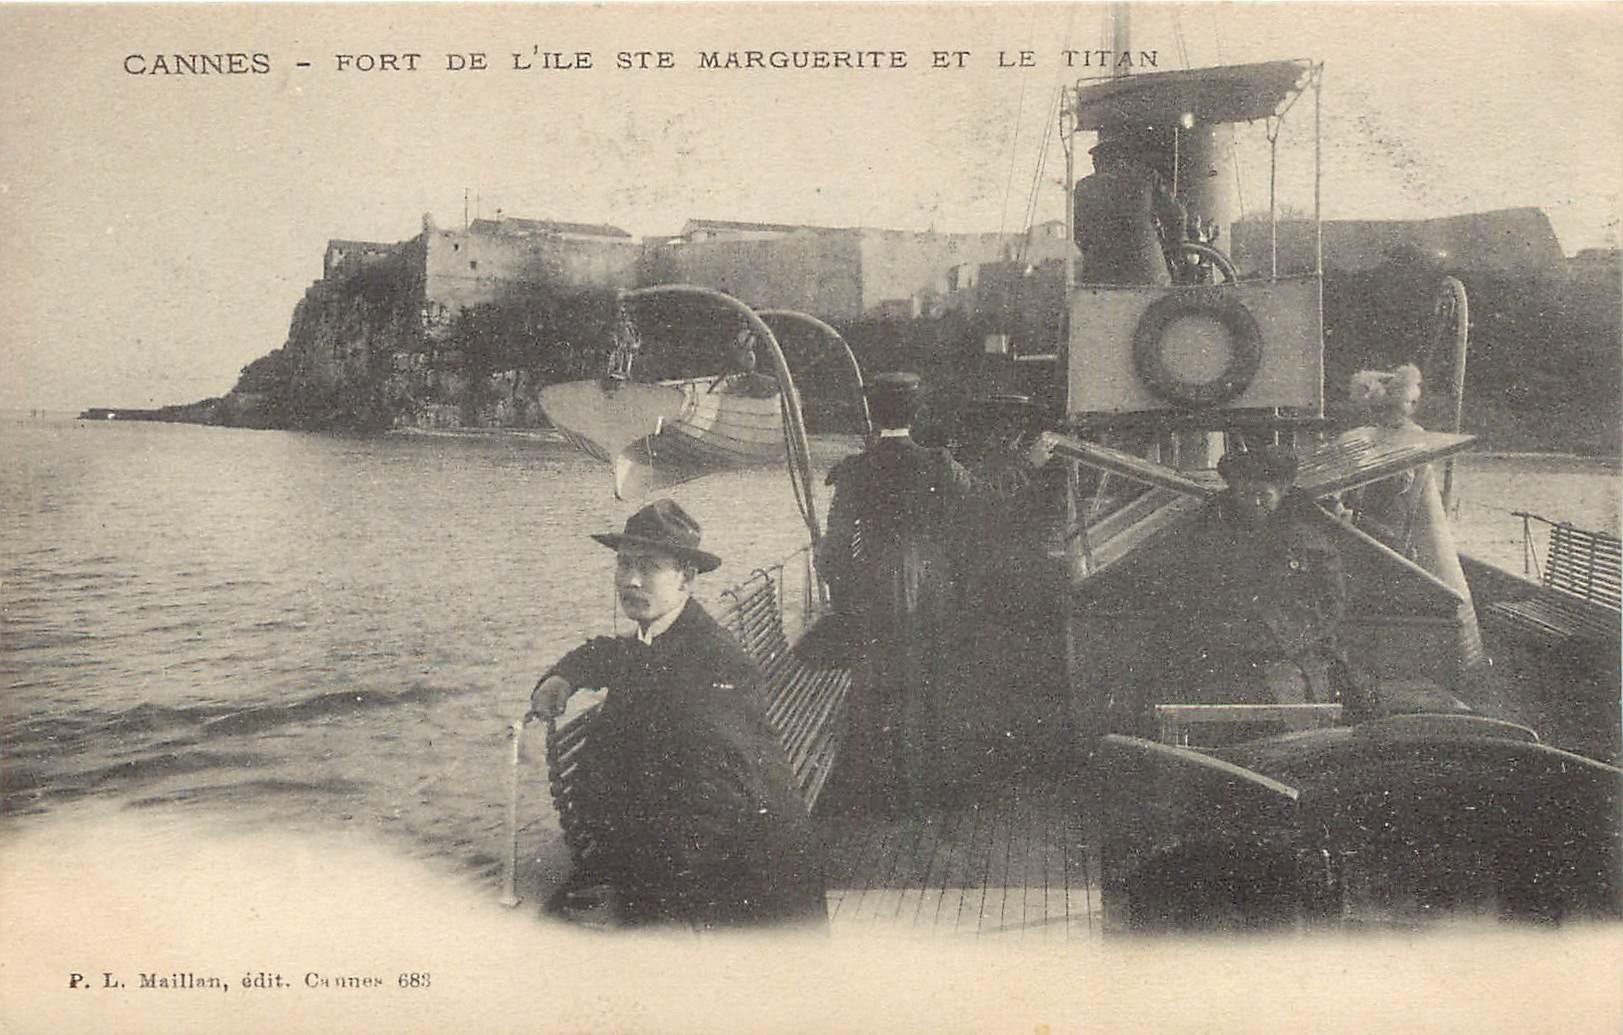 WW 06 CANNES. Fort Île Sainte Marguerite et le Titan